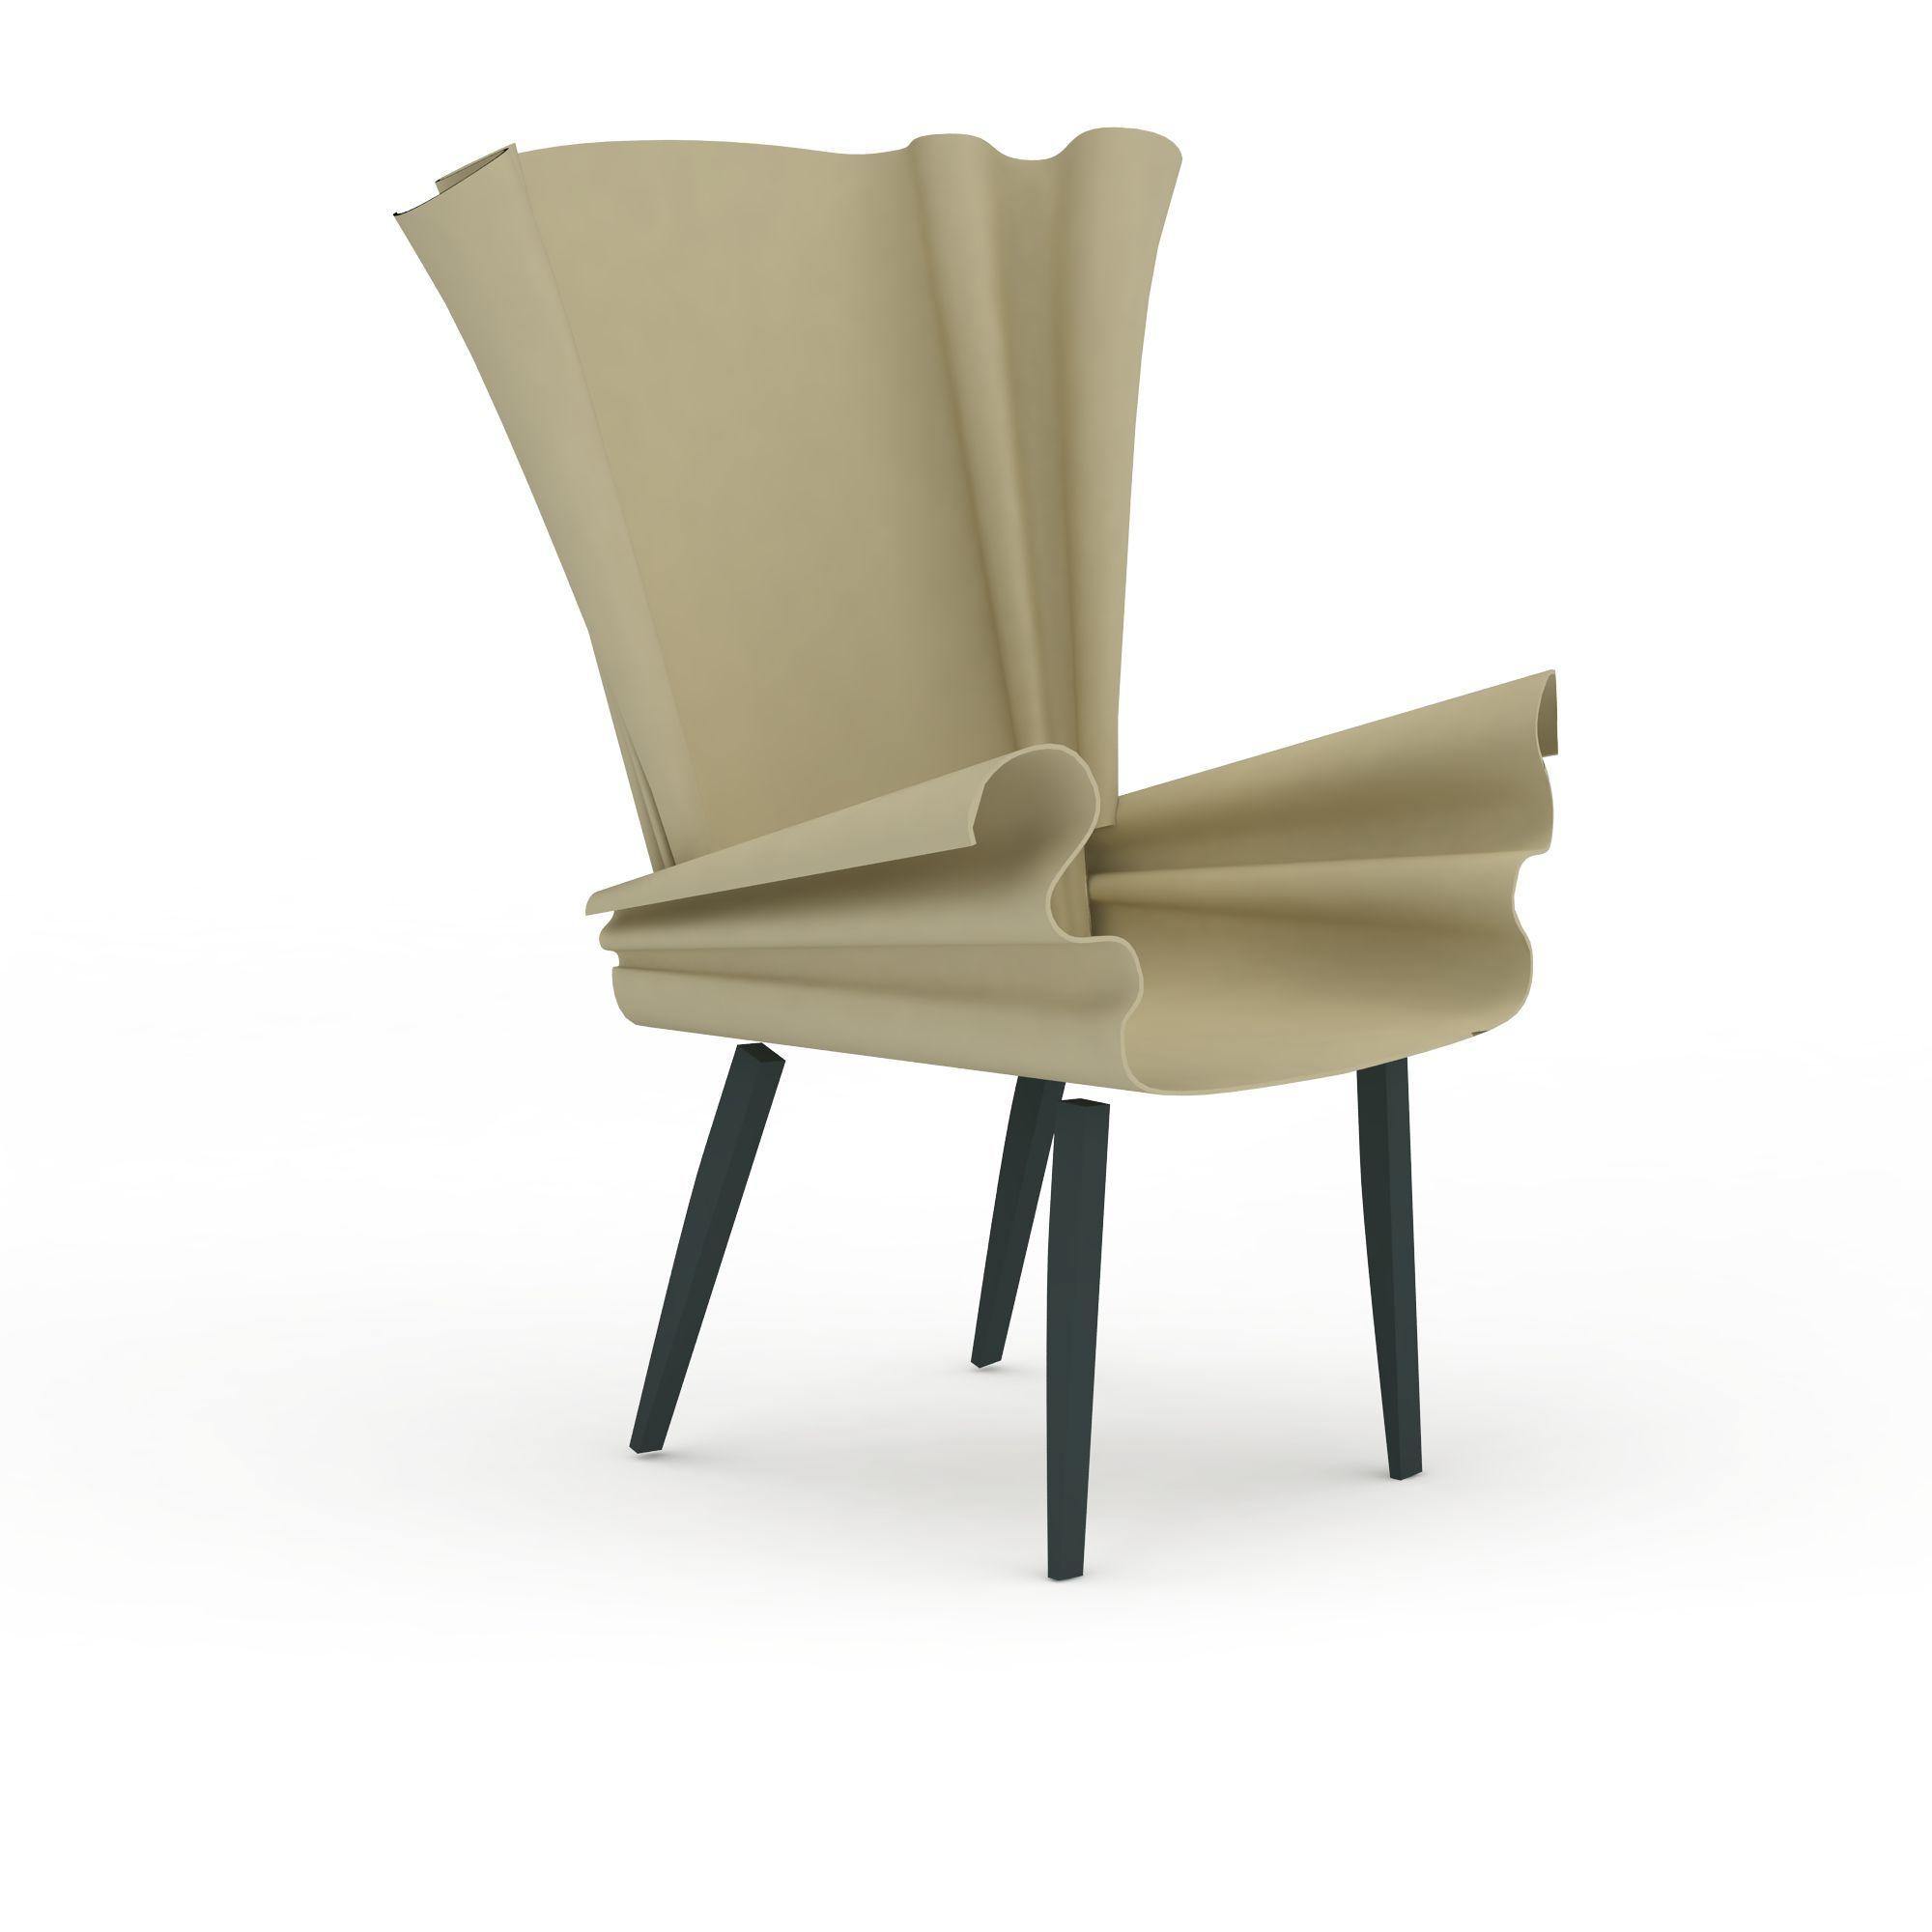 椅子创意图案-创意椅子设计手绘图_创意椅子设计理念_椅子图形创意图片